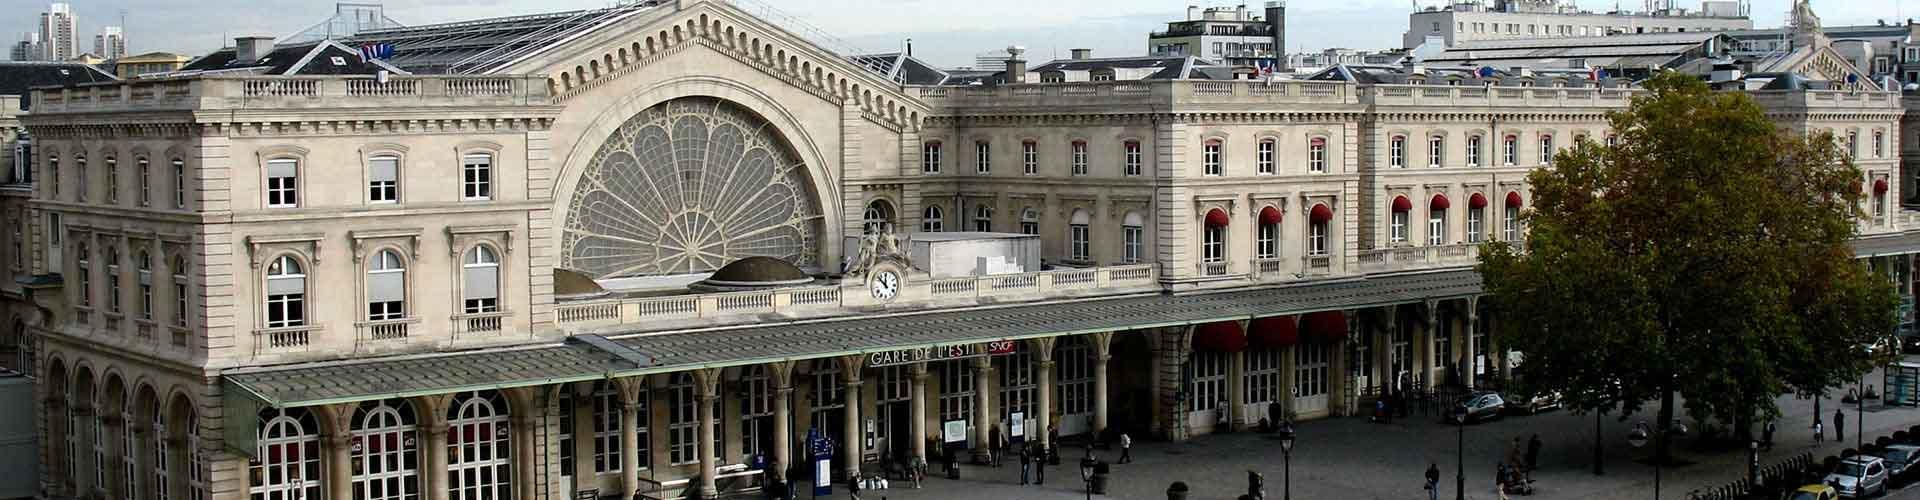 Paris - Auberges de jeunesse dans le quartier de Gare de l'Est. Cartes pour Paris, photos et commentaires pour chaque auberge de jeunesse à Paris.